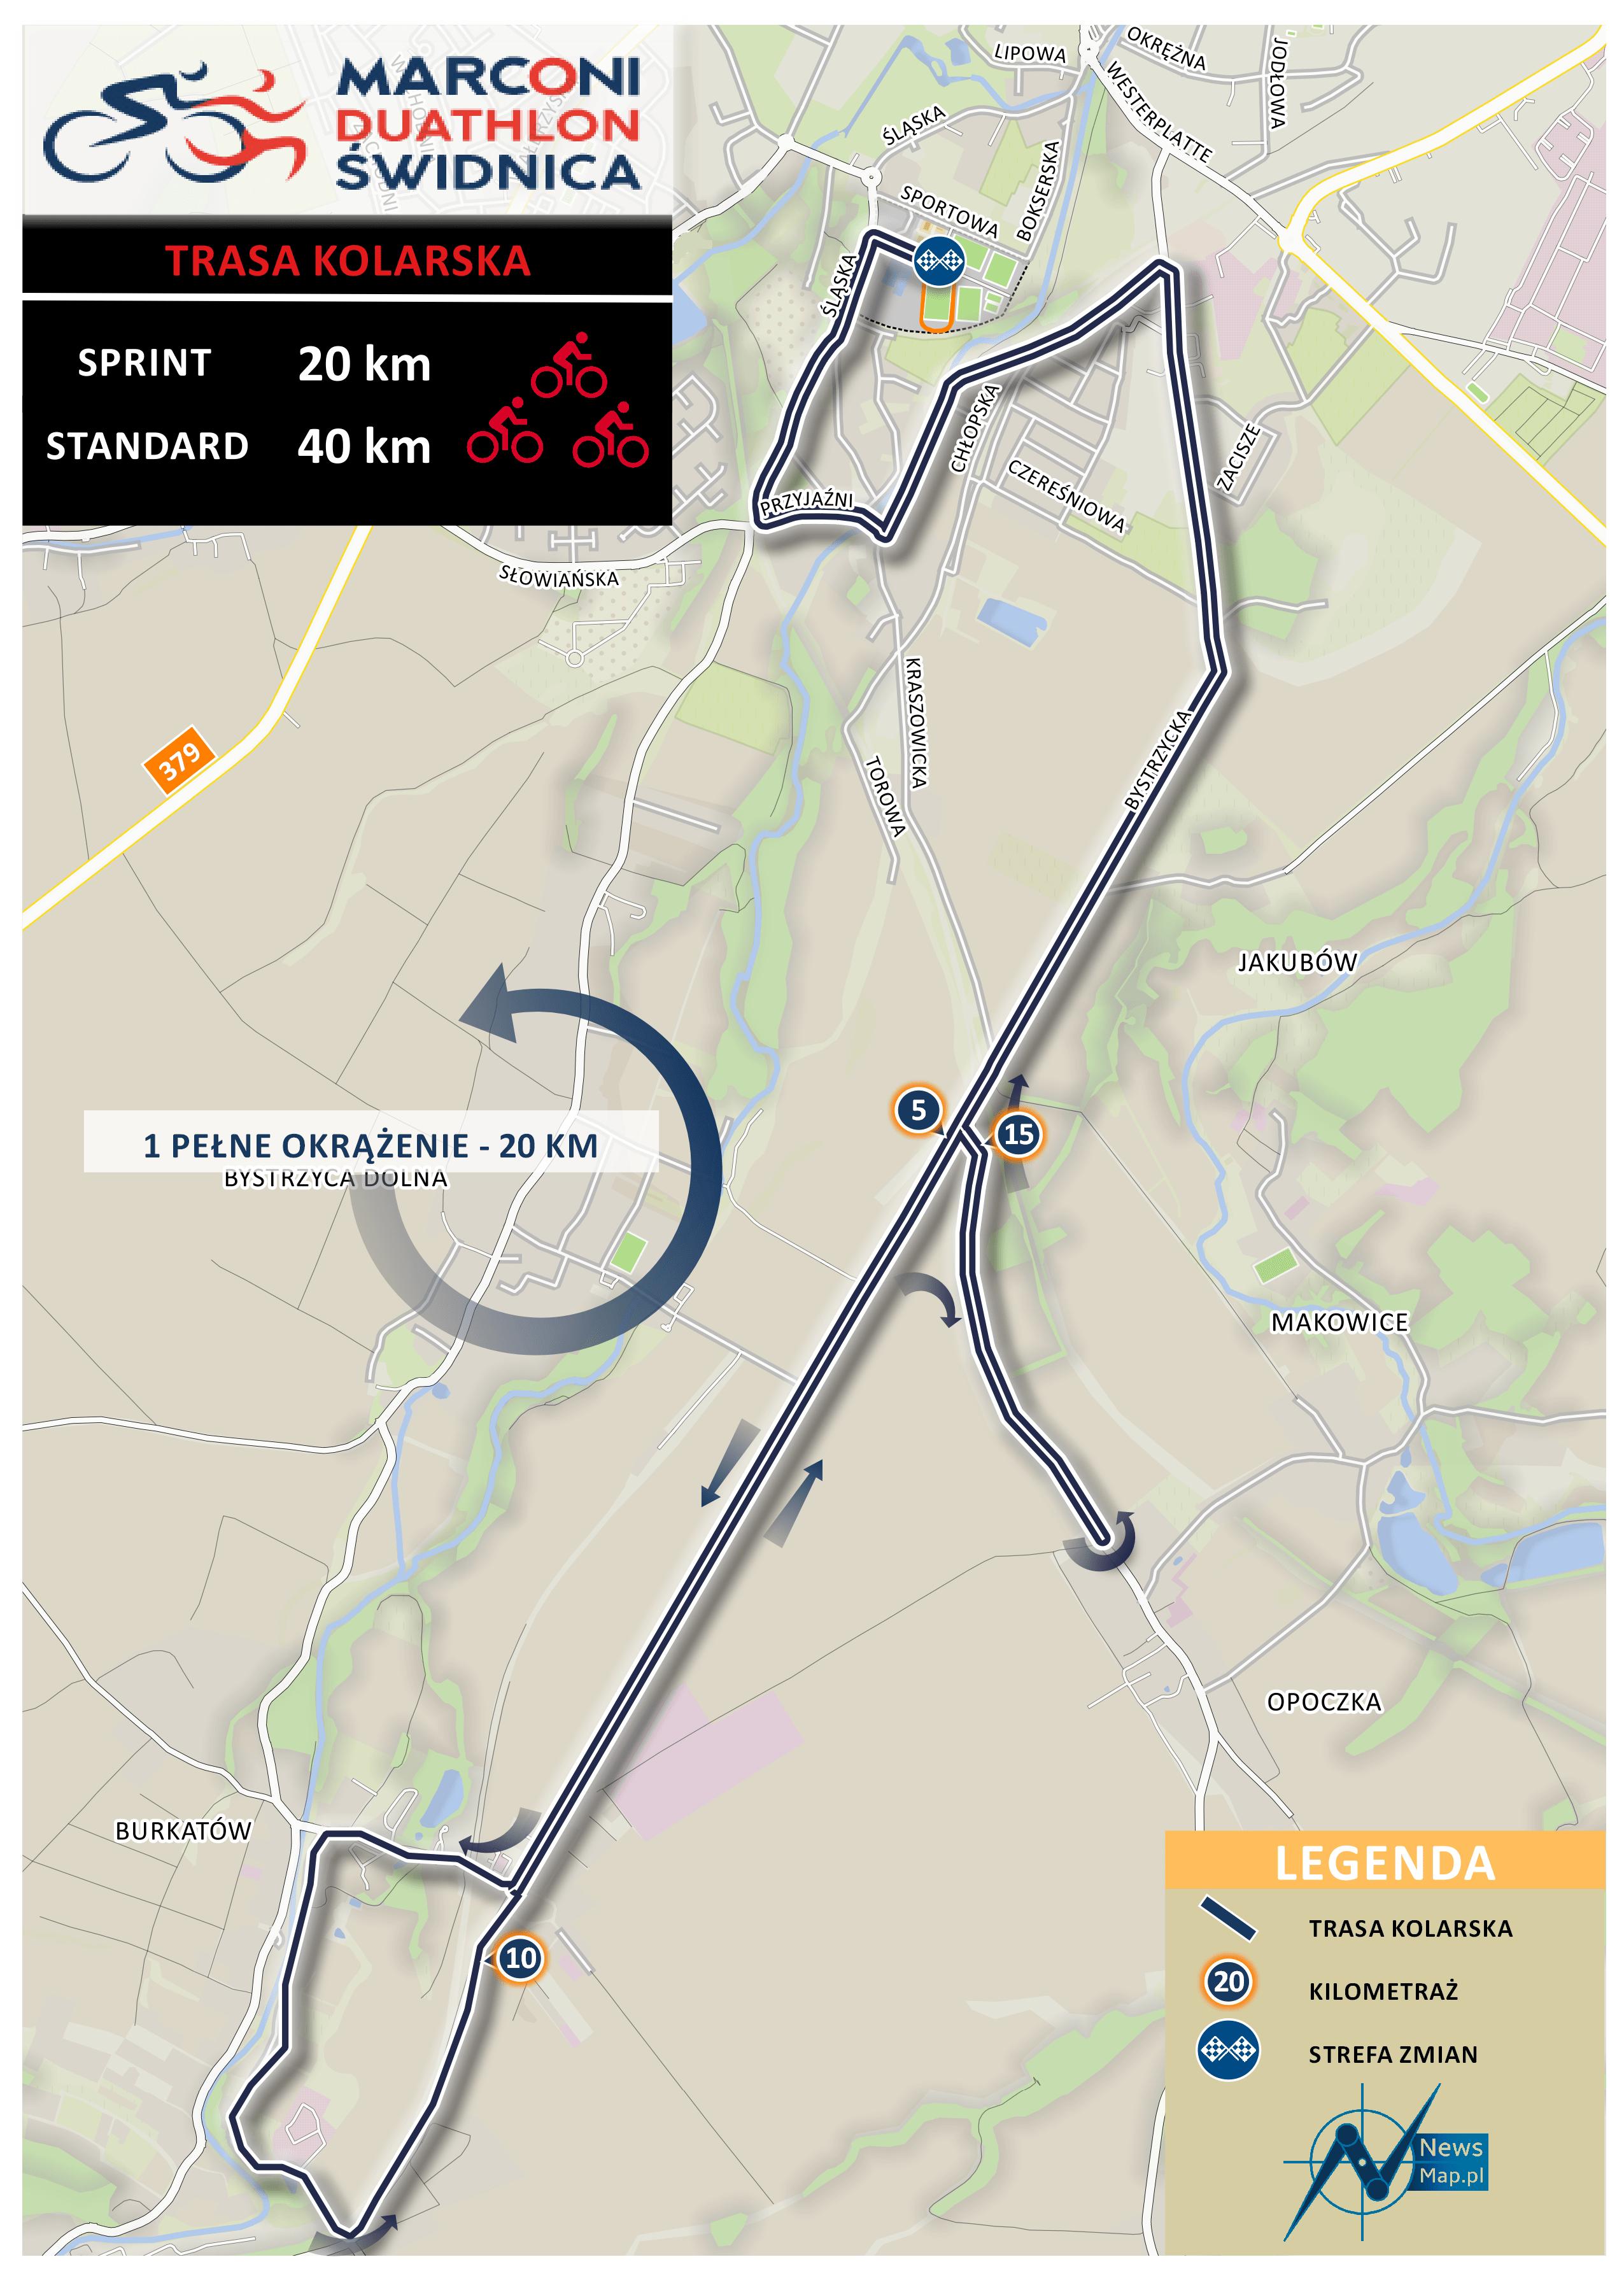 Mapa statyczna Duathlon Świdnica - rower nowa wersja